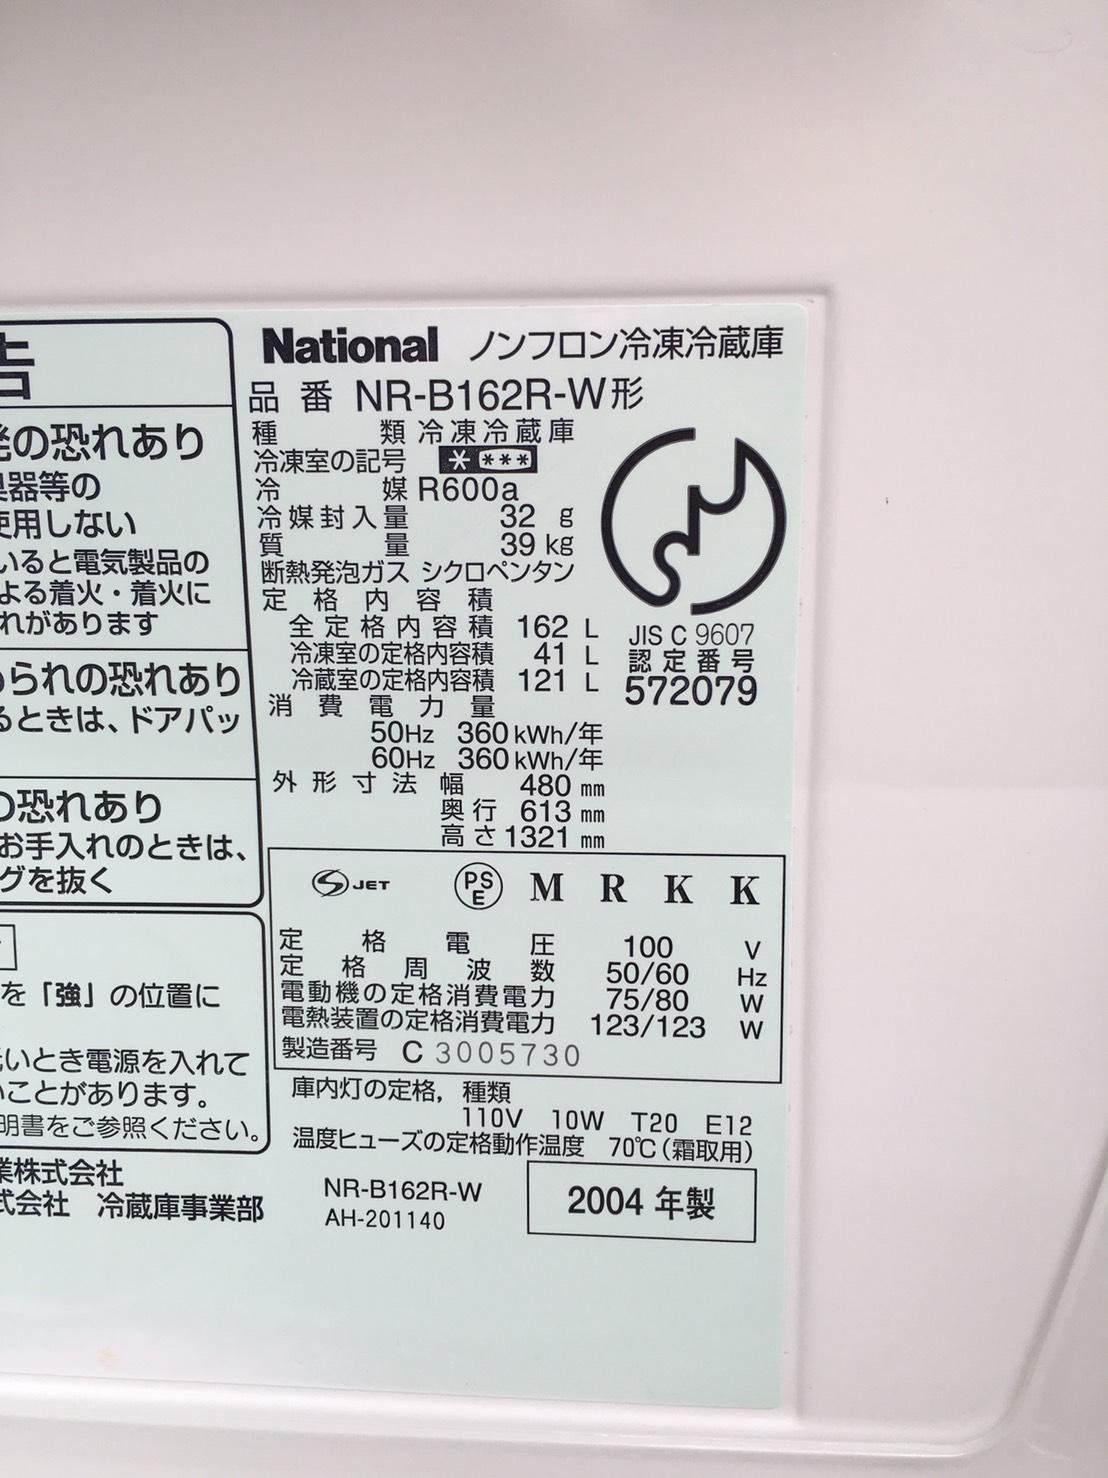 NR-B162R-Wのスペック